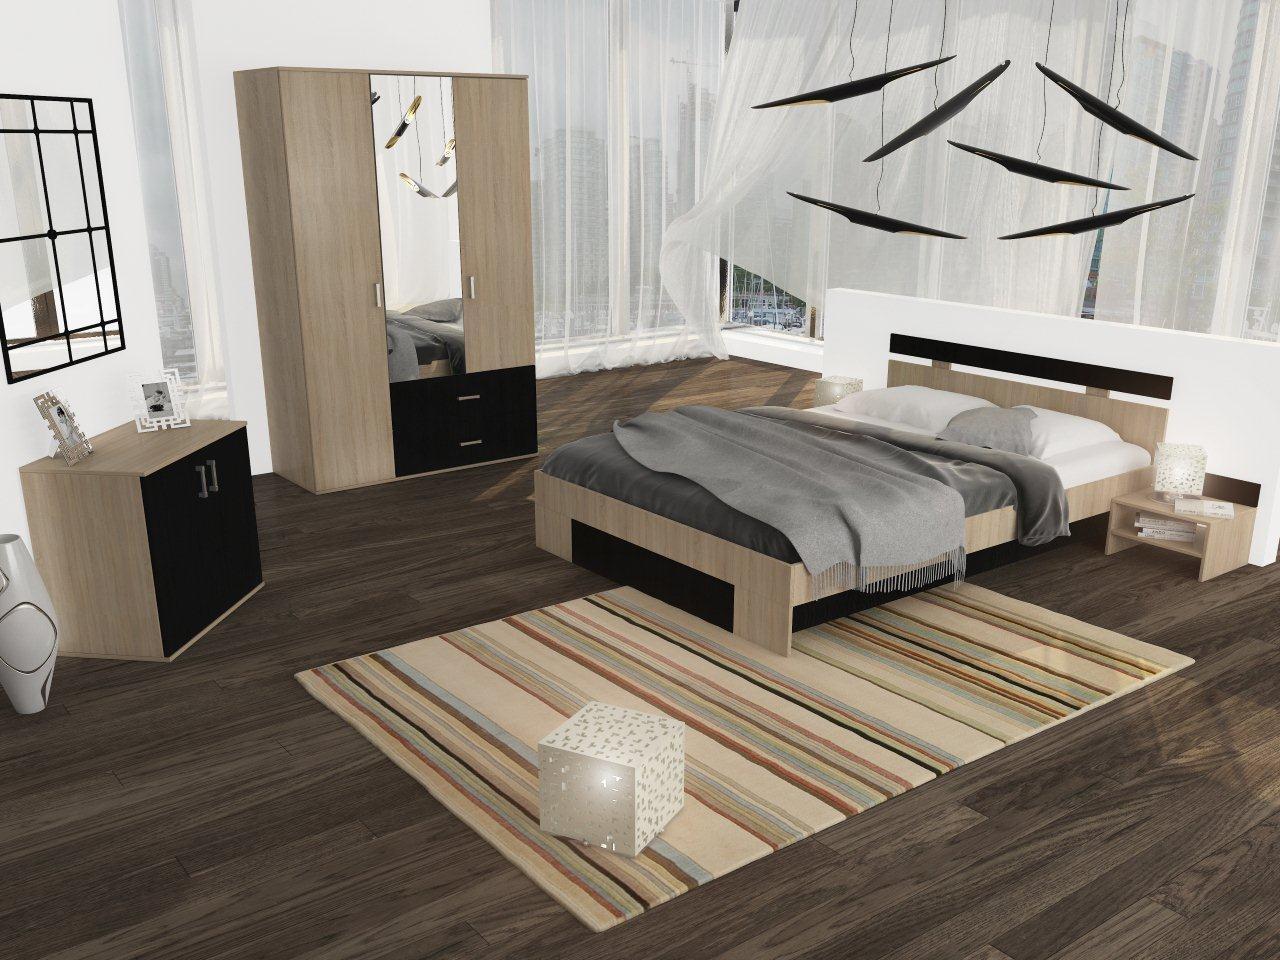 Dulap dormitor Raul, stejar bardolino + magia, 3 usi, cu oglinda, 120 x 52 x 206 cm, 3C